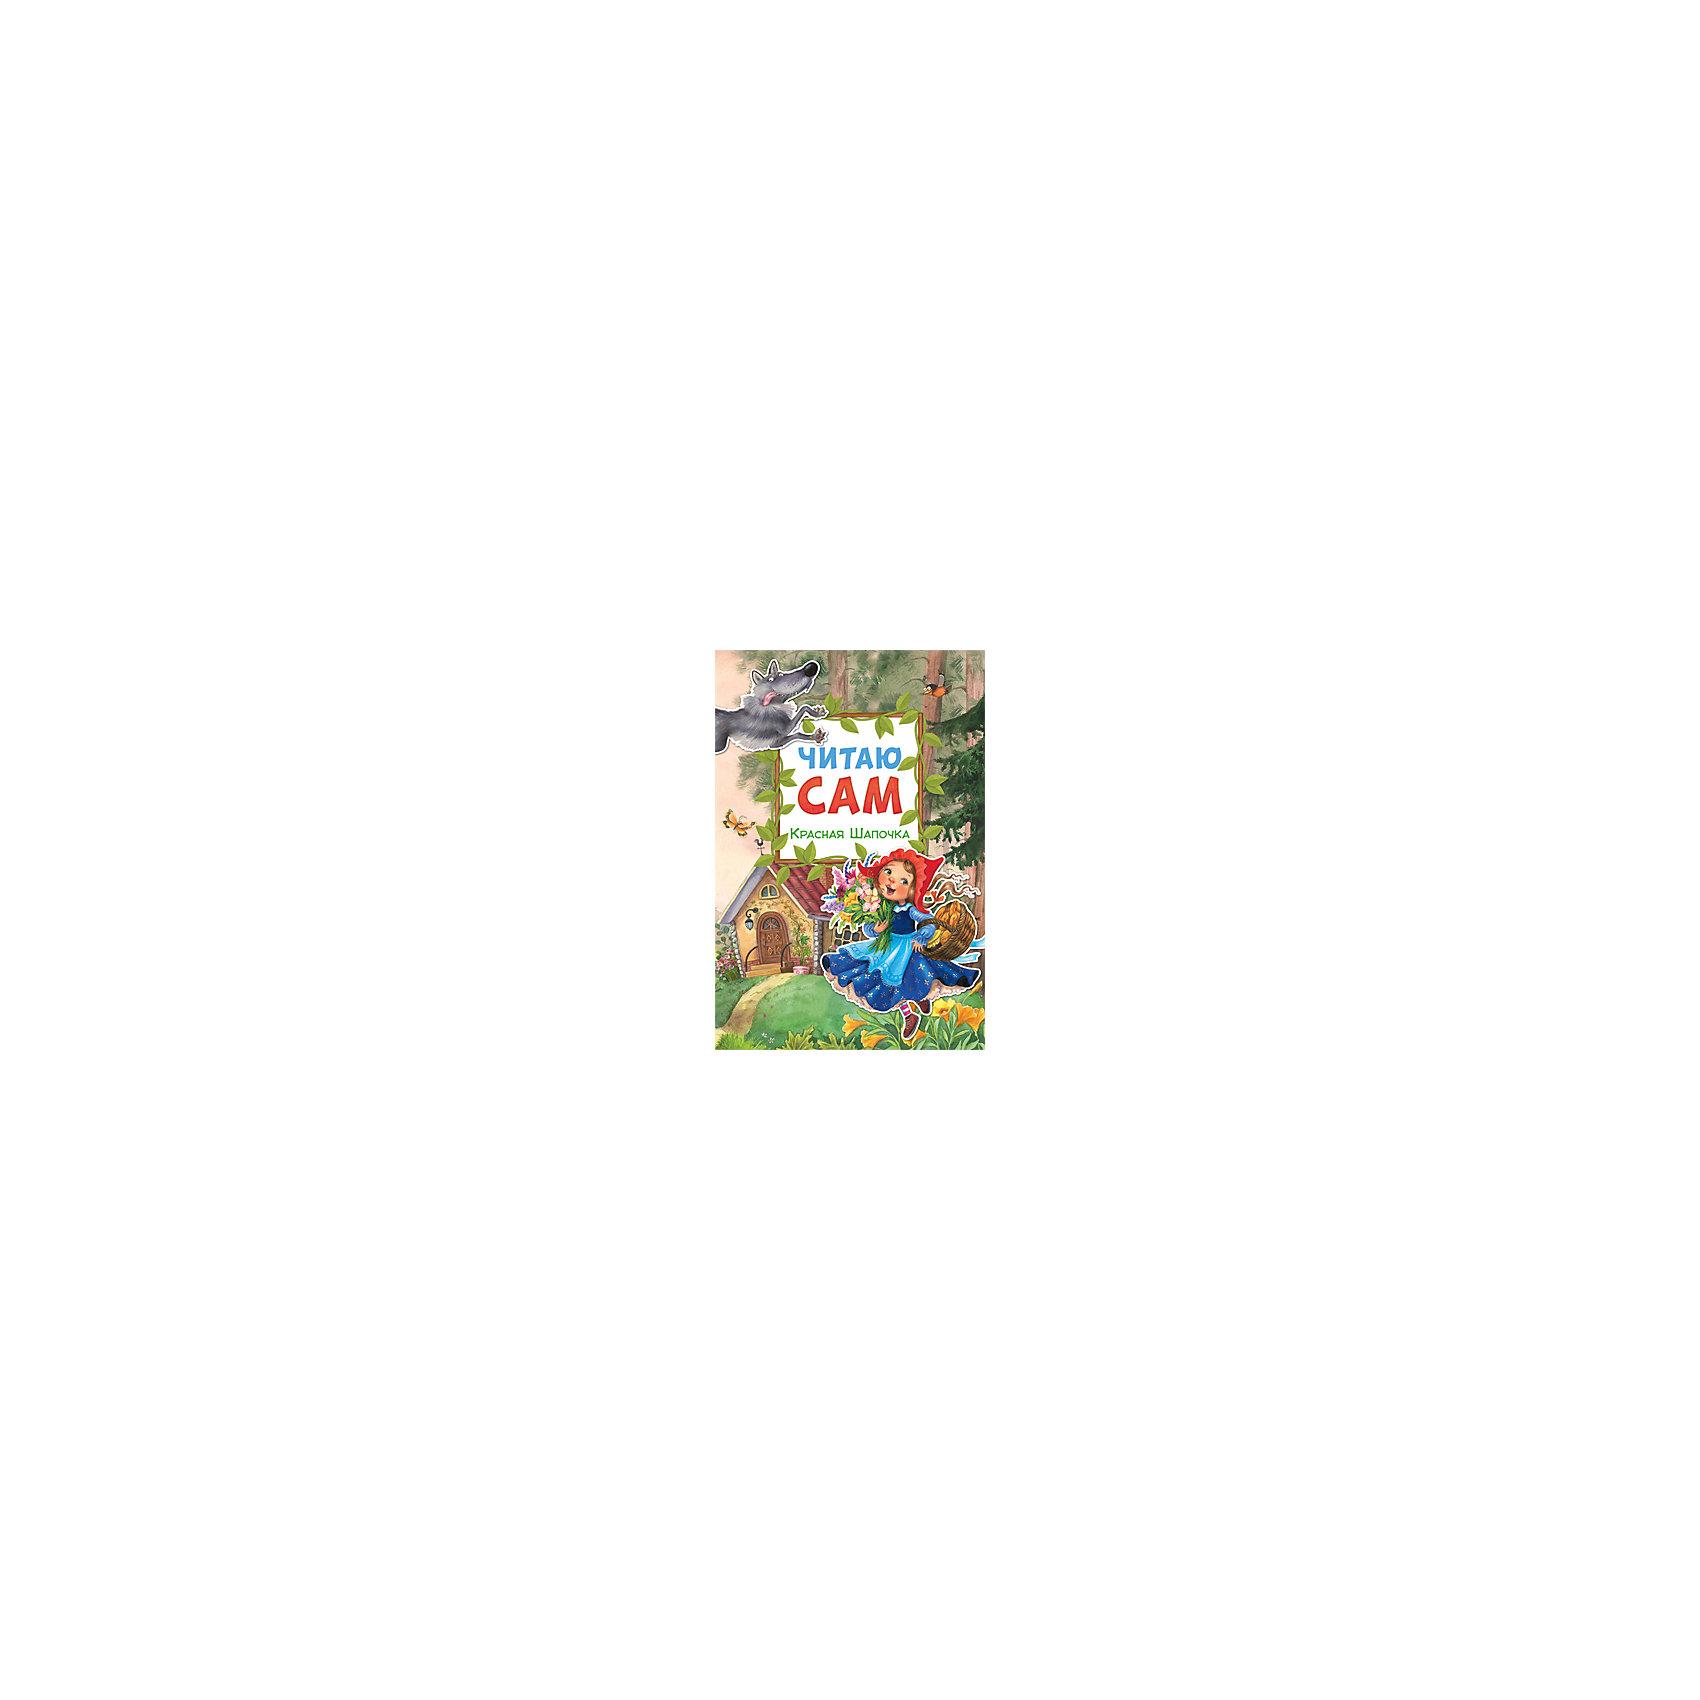 Книга Читаю сам: Красная шапочкаДля первого самостоятельного чтения идеально подходит красочная книга «Красная Шапочка» серии «Читаю сам». <br>Чтение любимой сказки обязательно увлечет ребенка. Ему будет легко воспринять текст, благодаря крупному шрифту  и расставленным в словах ударениям, а великолепные иллюстрации помогут удержать его интерес, ребенок с удовольствием дочитает сказку до конца.<br><br>Ширина мм: 200<br>Глубина мм: 162<br>Высота мм: 240<br>Вес г: 50<br>Возраст от месяцев: 36<br>Возраст до месяцев: 84<br>Пол: Унисекс<br>Возраст: Детский<br>SKU: 5523215